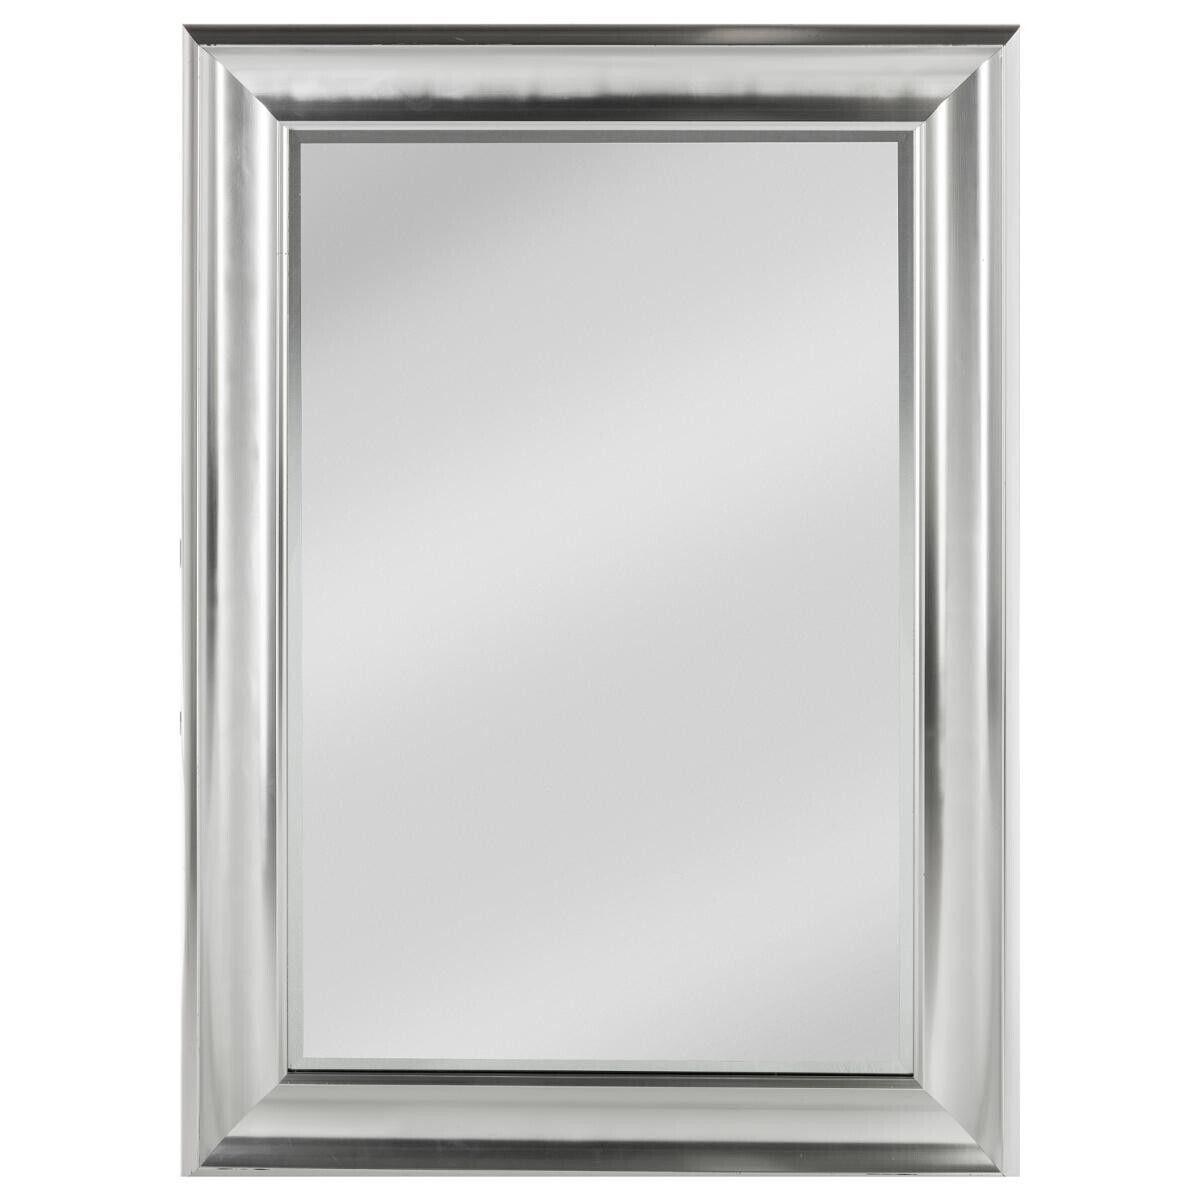 Atmosphera Miroir argenté à moulures 78x108 cm